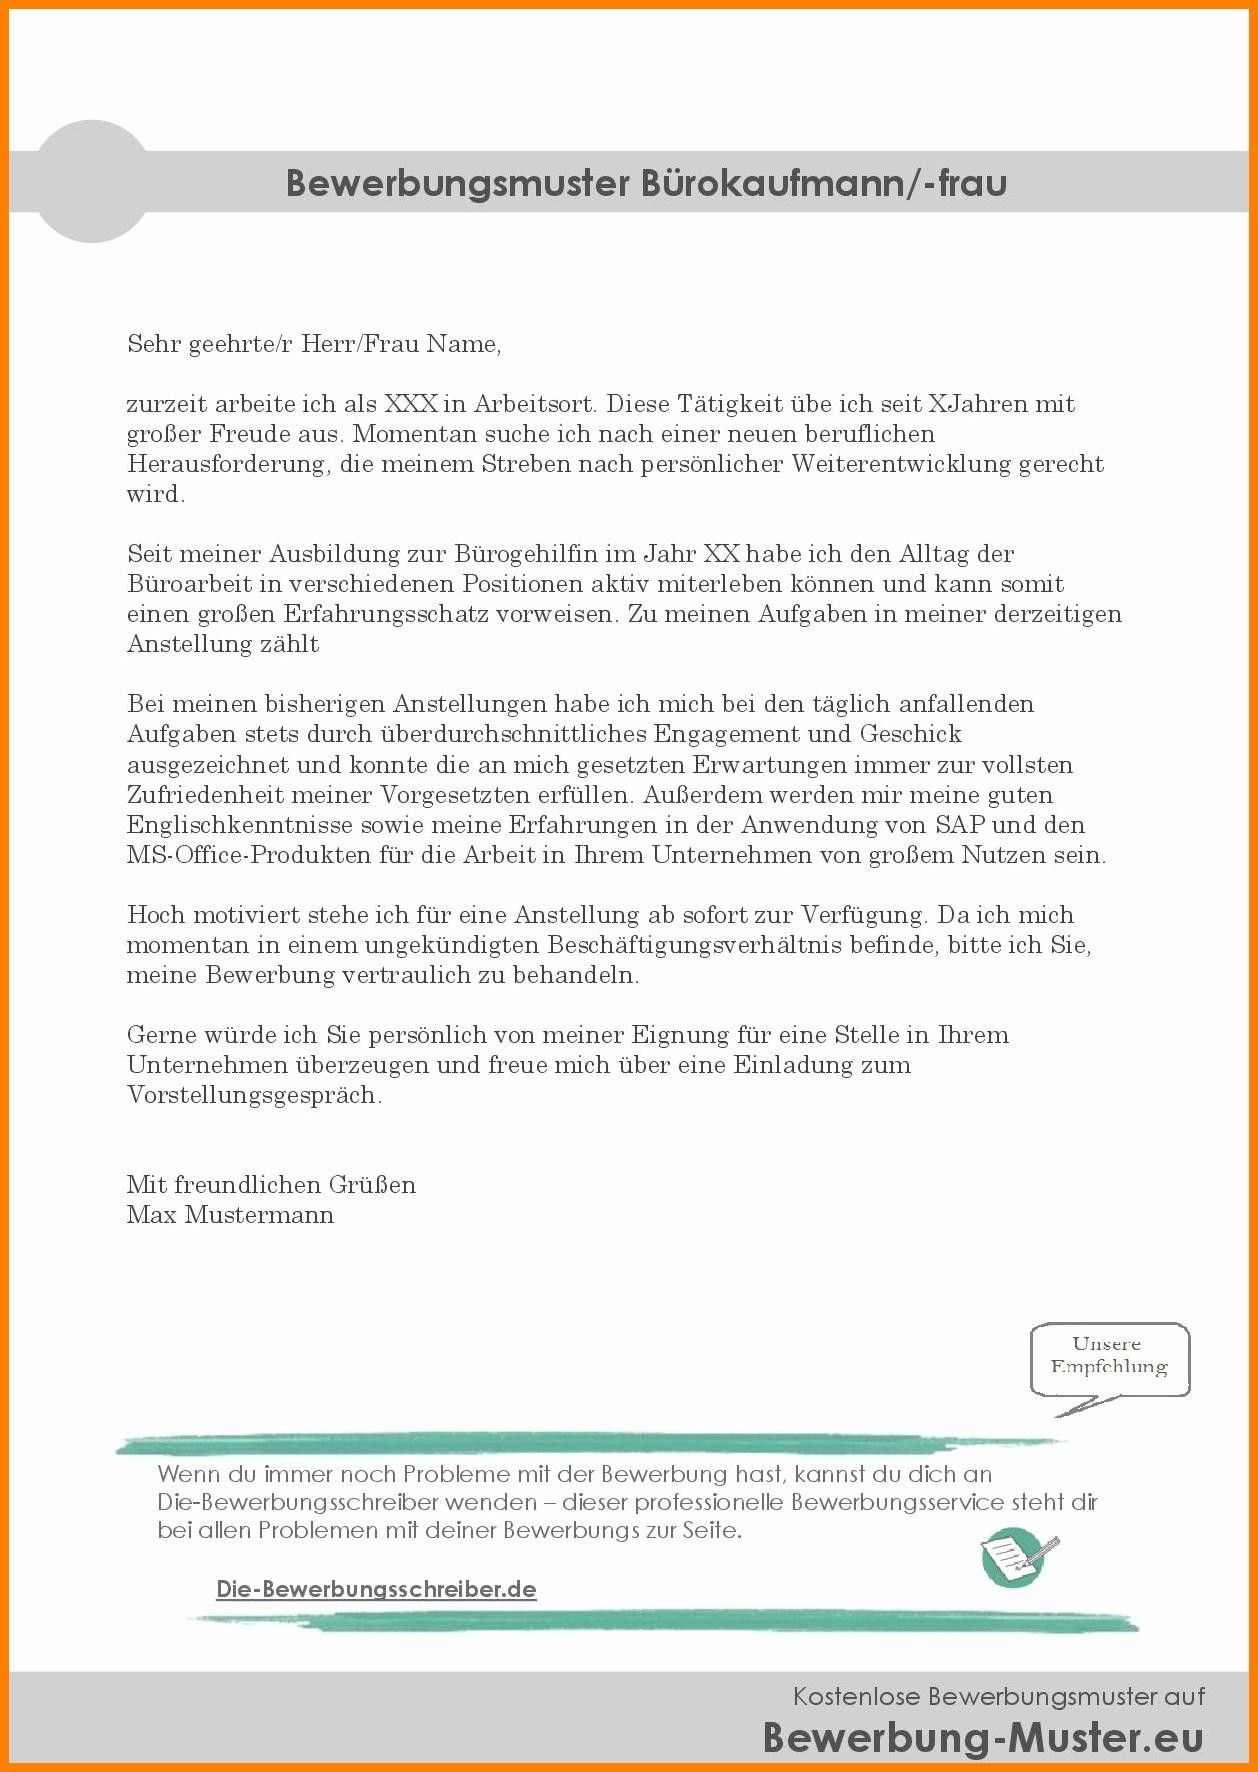 Einzigartig Bewerbung Dachdecker Briefprobe Briefformat Briefvorlage Bewerbung Jobcenter Briefvorlagen